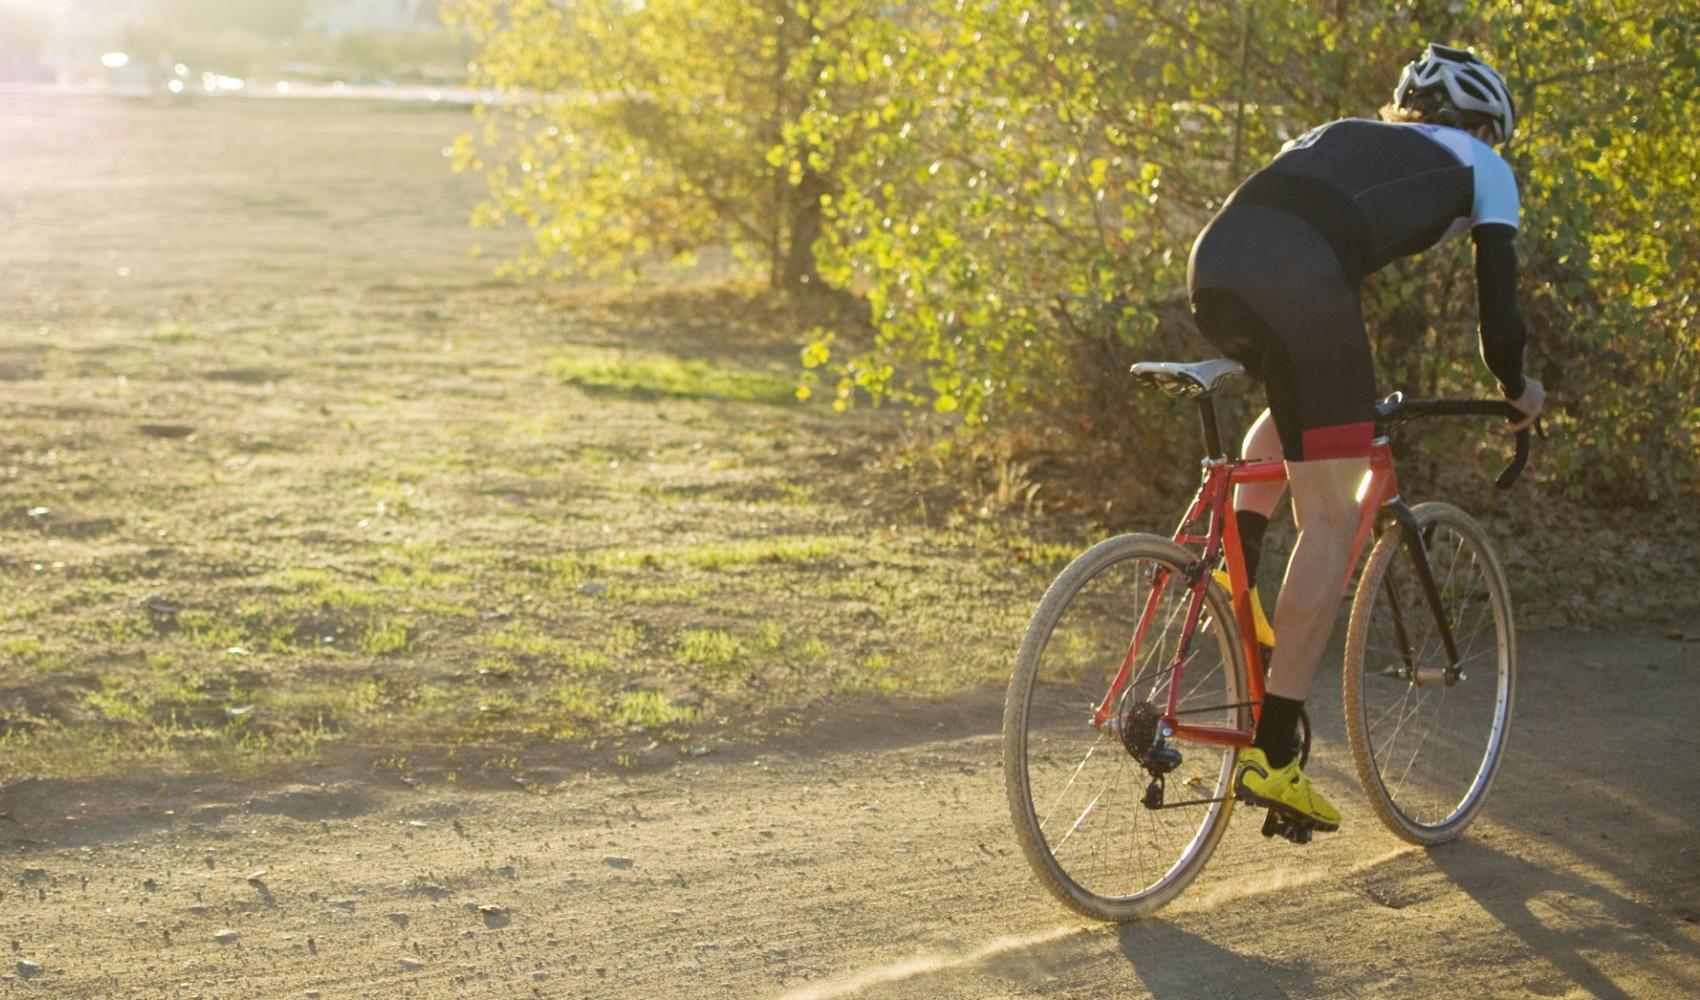 bersepeda dan disfungsi ereksi